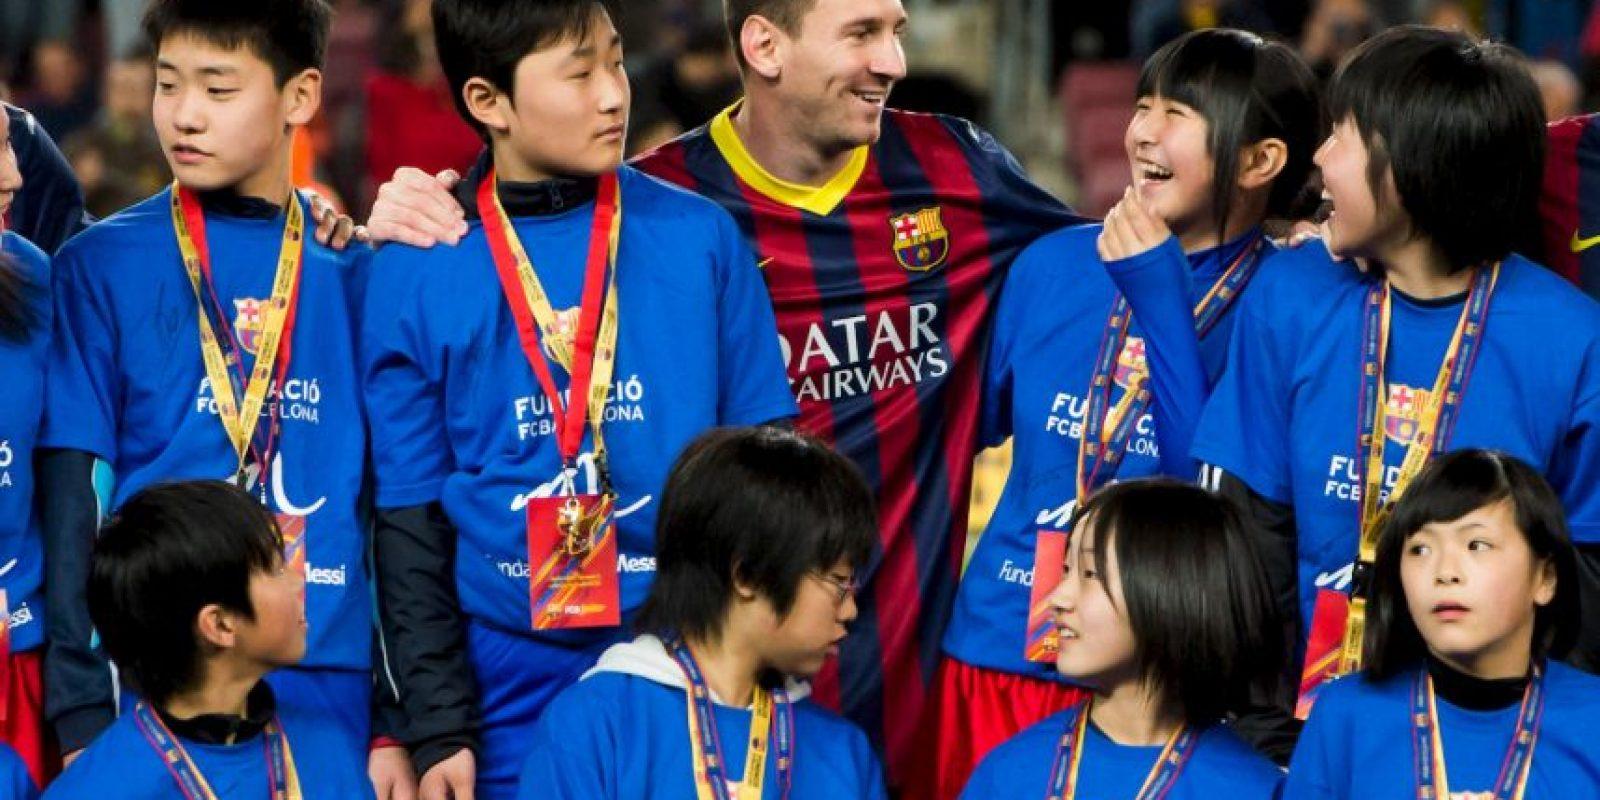 Máximo goleador en una Liga: la temporada 2011/12, con 50 goles Foto:Getty Images